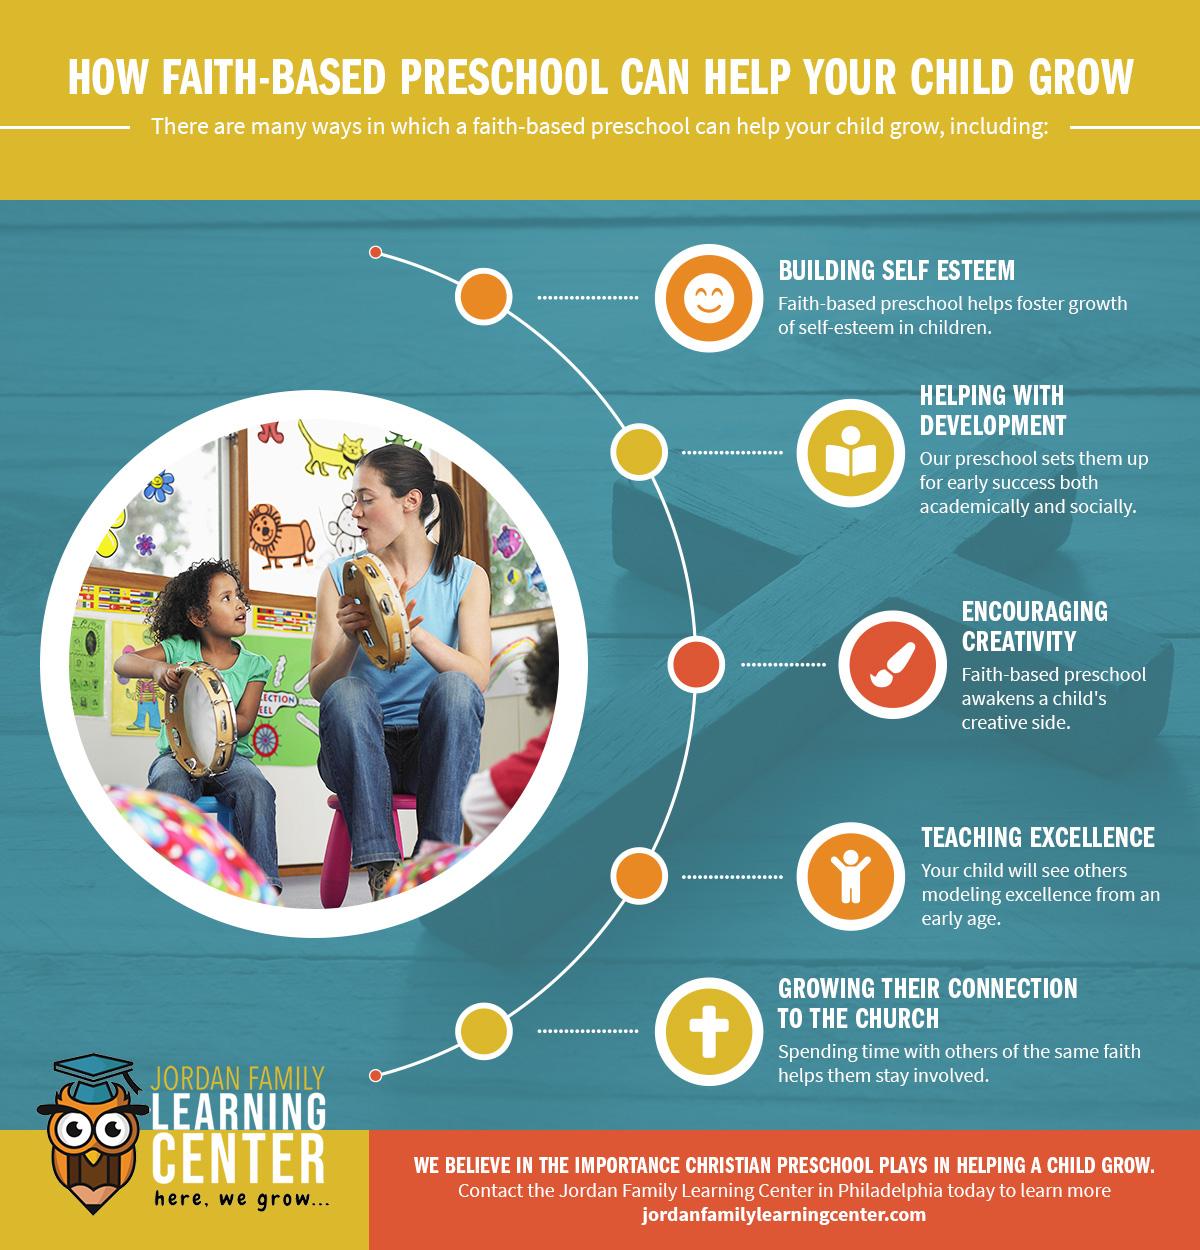 How-Faith-Based-Preschool-Can-Help-Your-Child-Grow-Infographic.jpg